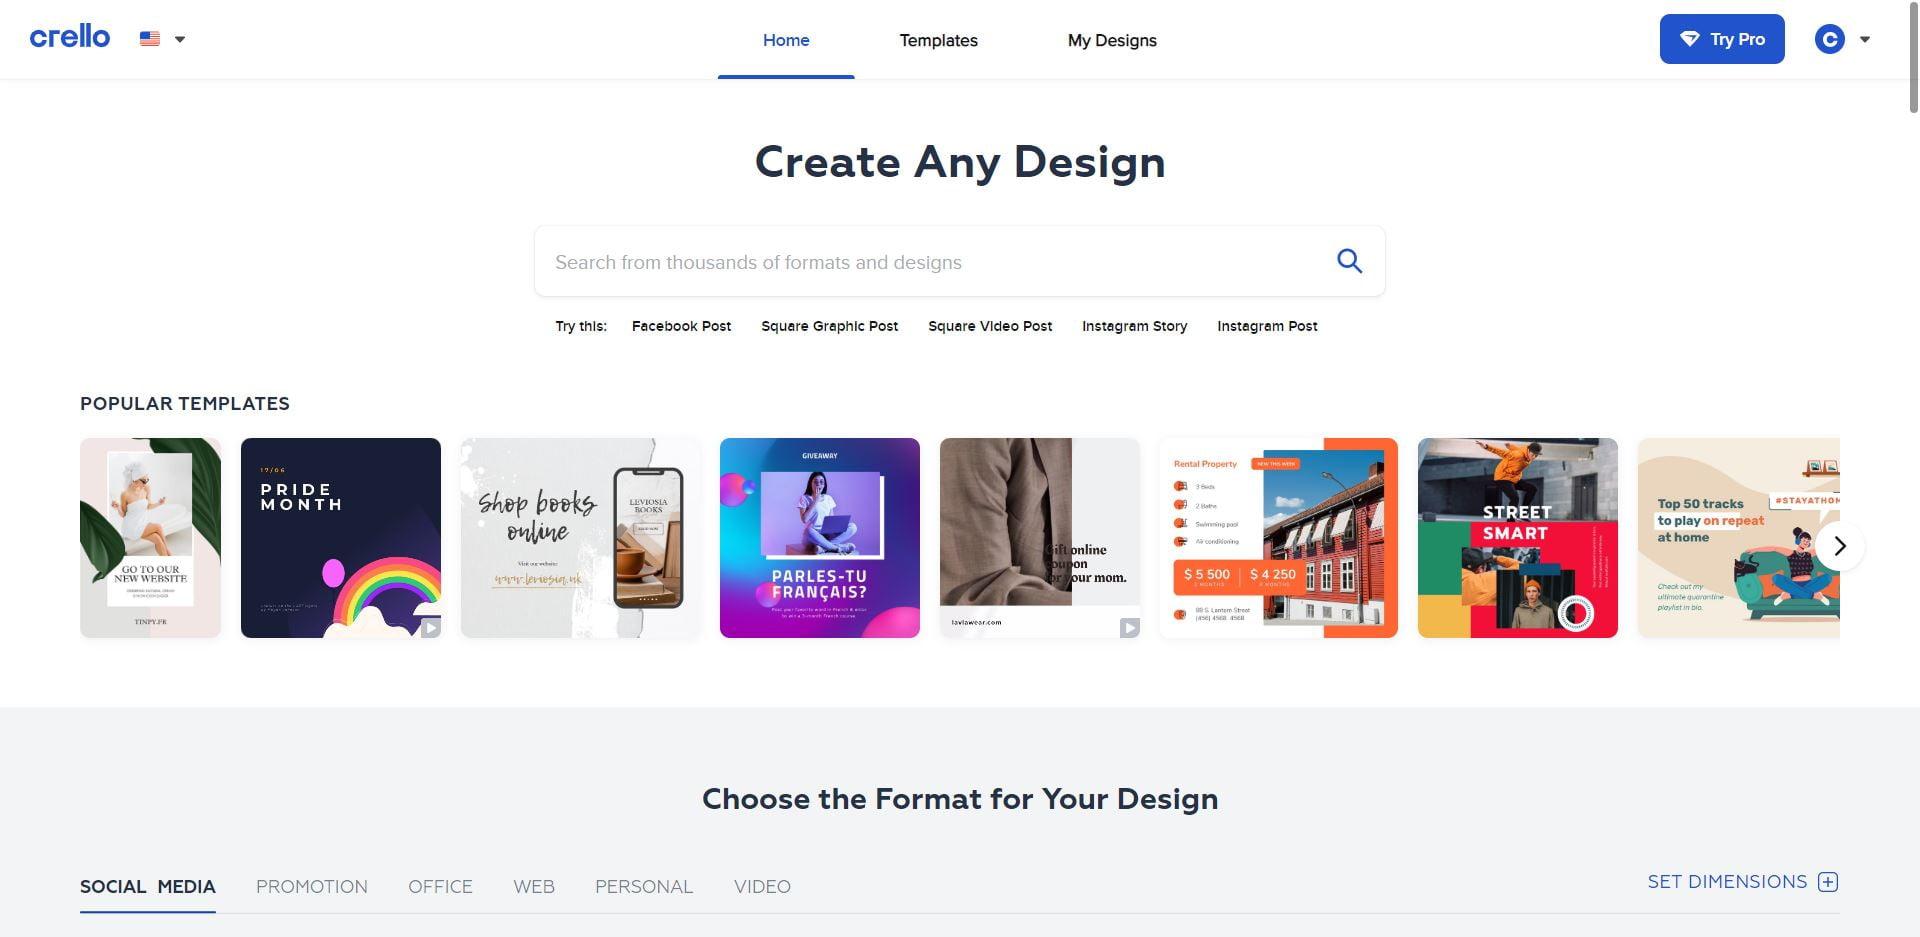 Crello Homepage